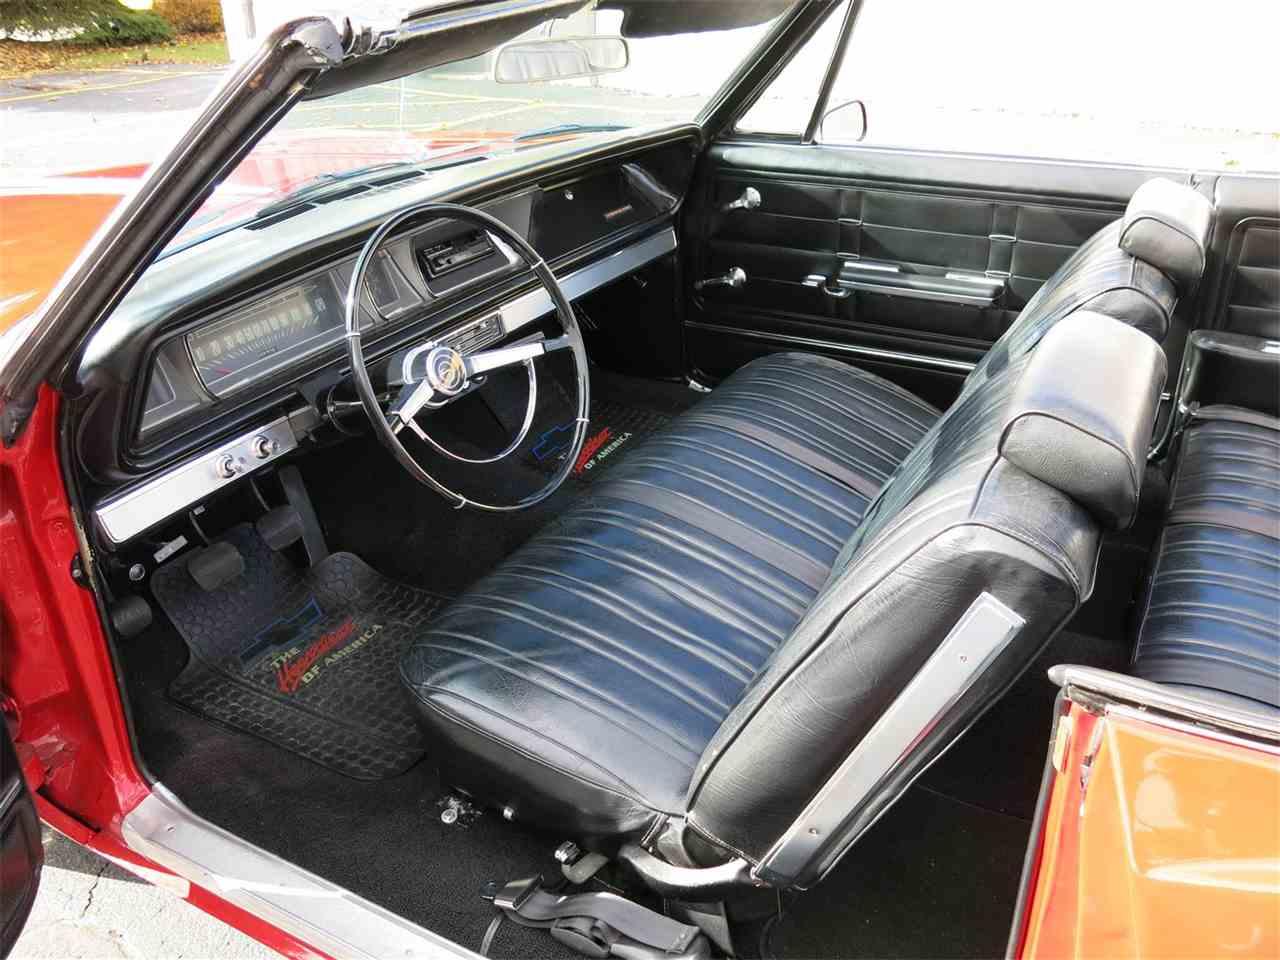 Berühmt 1966 Chevy Impala Schaltplan Zeitgenössisch - Elektrische ...